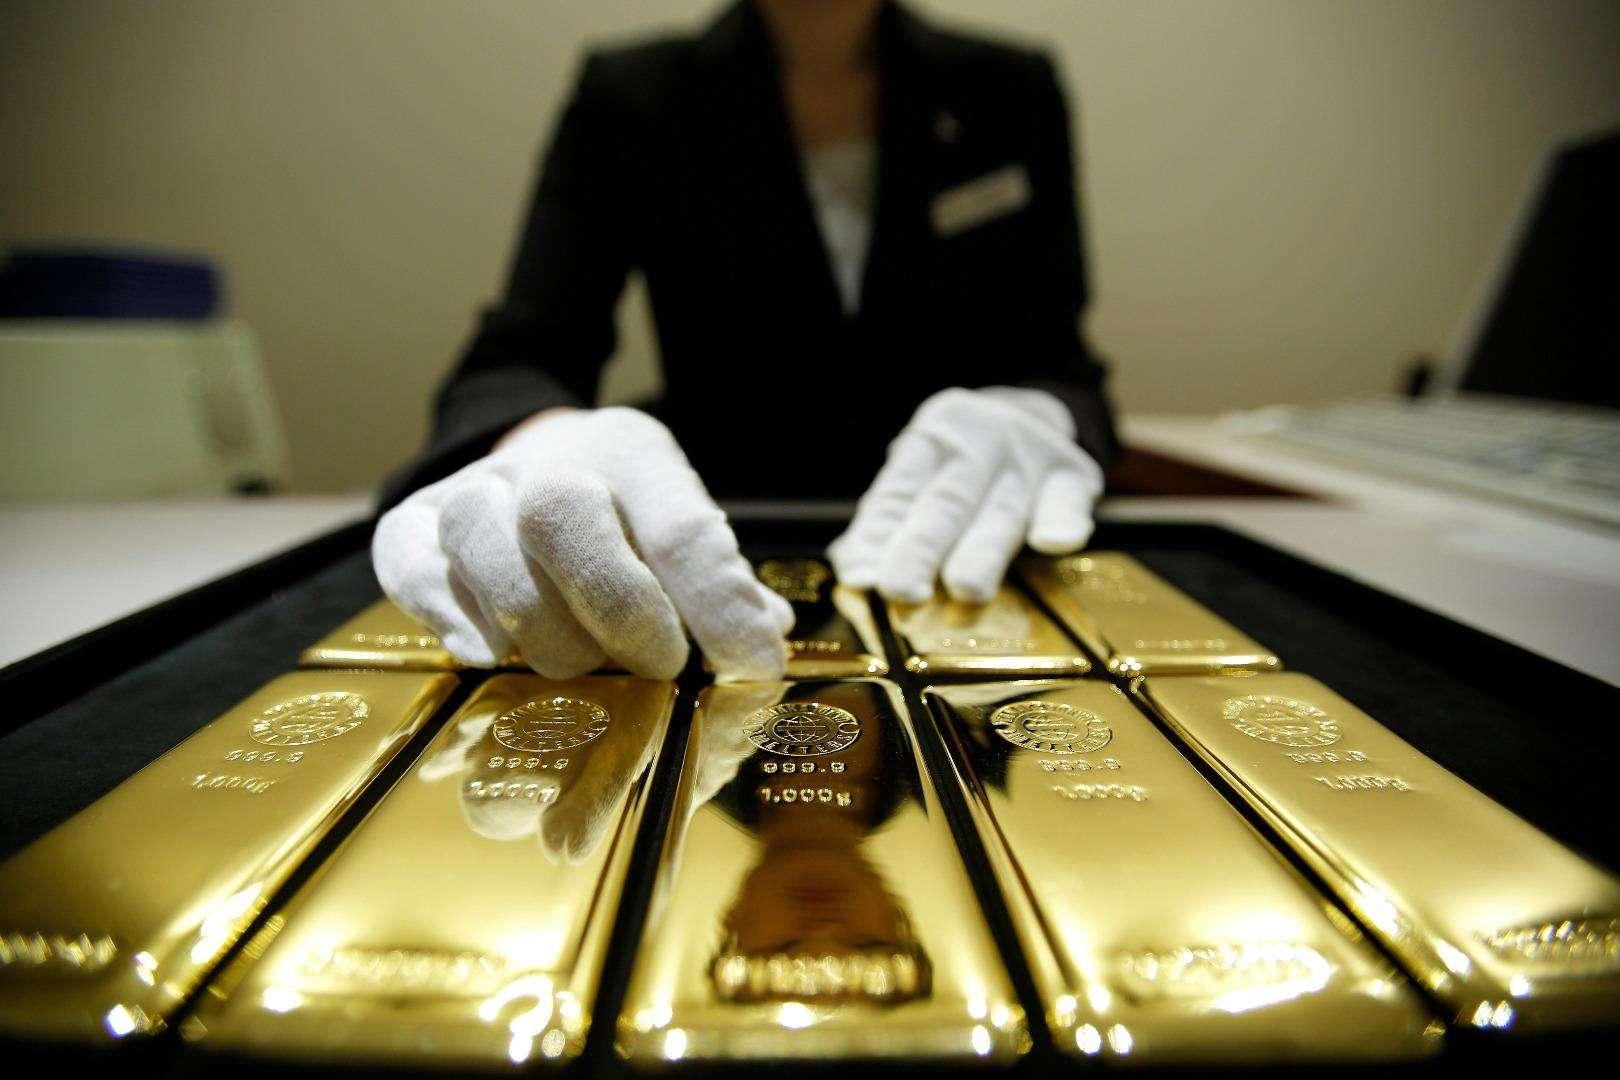 现货黄金反弹收涨 市场进入关键节点